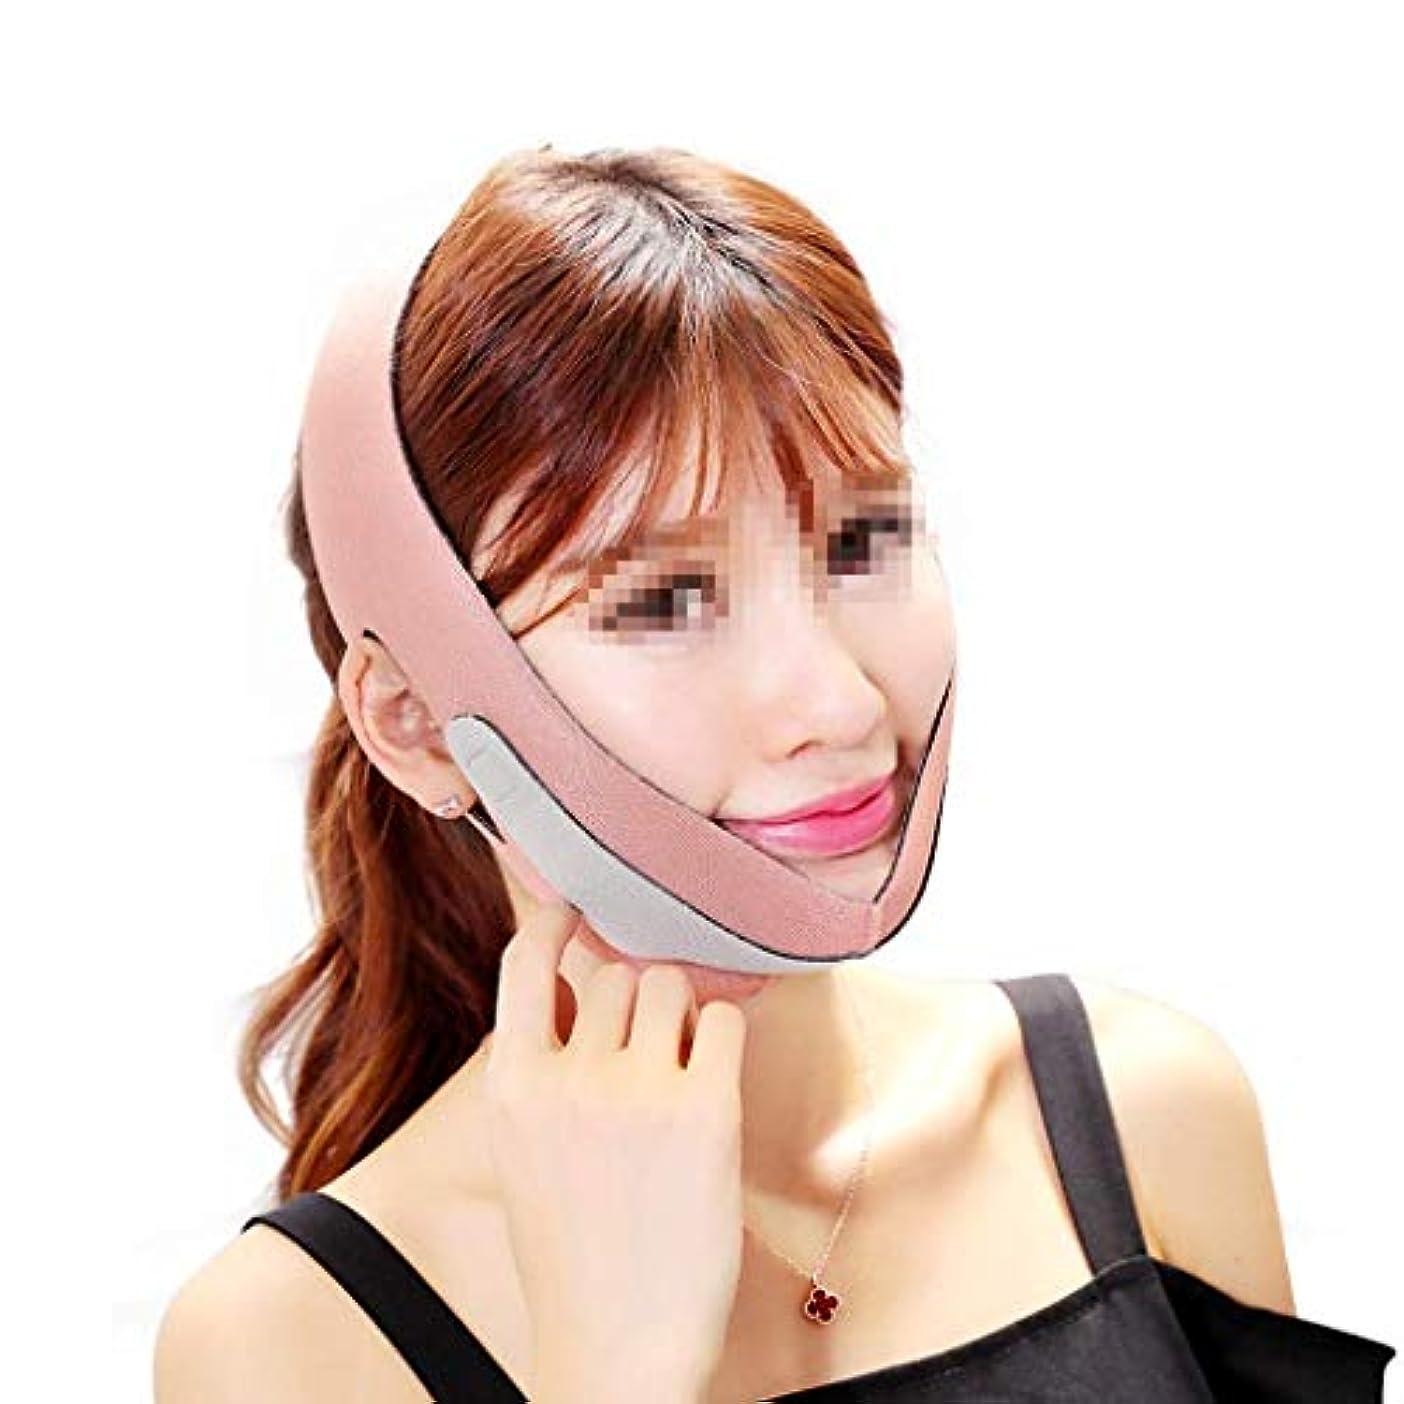 取得特許動作フェイスリフトマスク、スモールVフェイススリープバンデージマスク薄いダブルチンリフトファーミングスキン